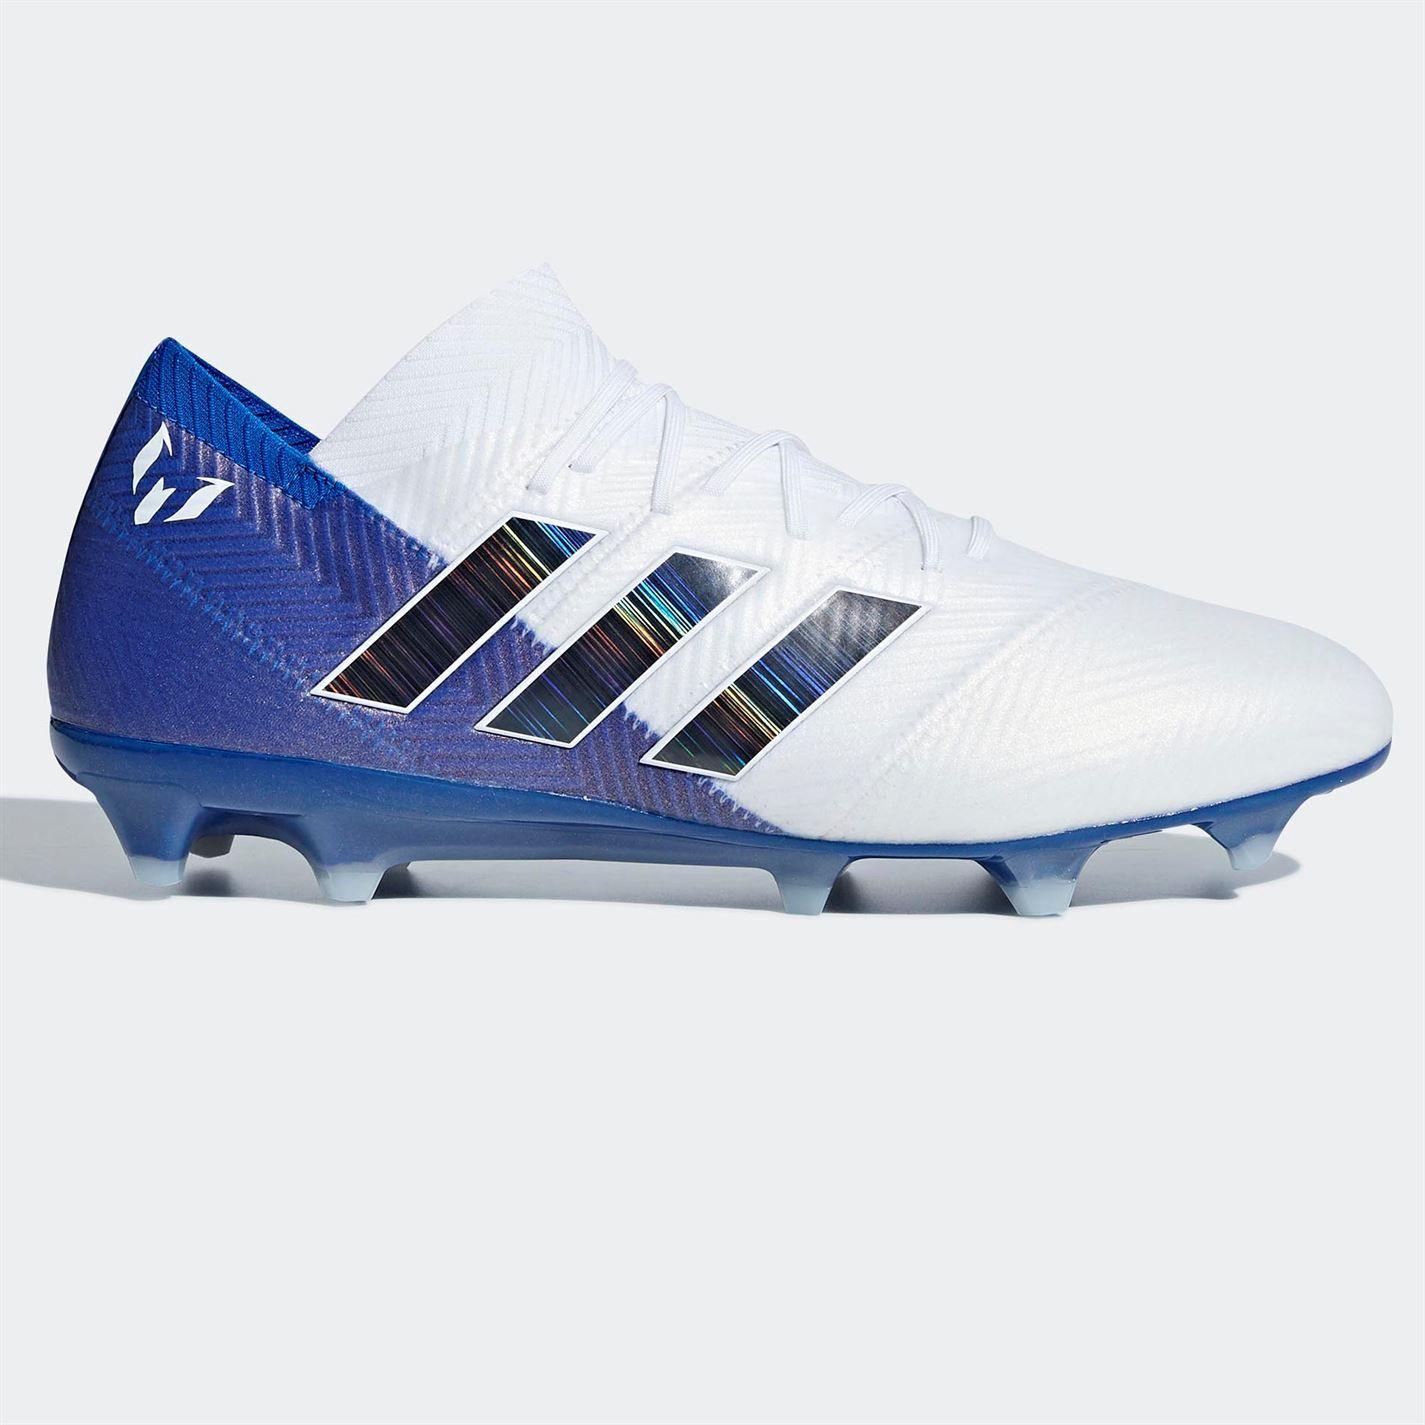 Adidas para hombre nemeziz Messi 18.1 FG Botas De Fútbol Terreno Terreno Fútbol Firme Con Cordones Ligero 31ab05